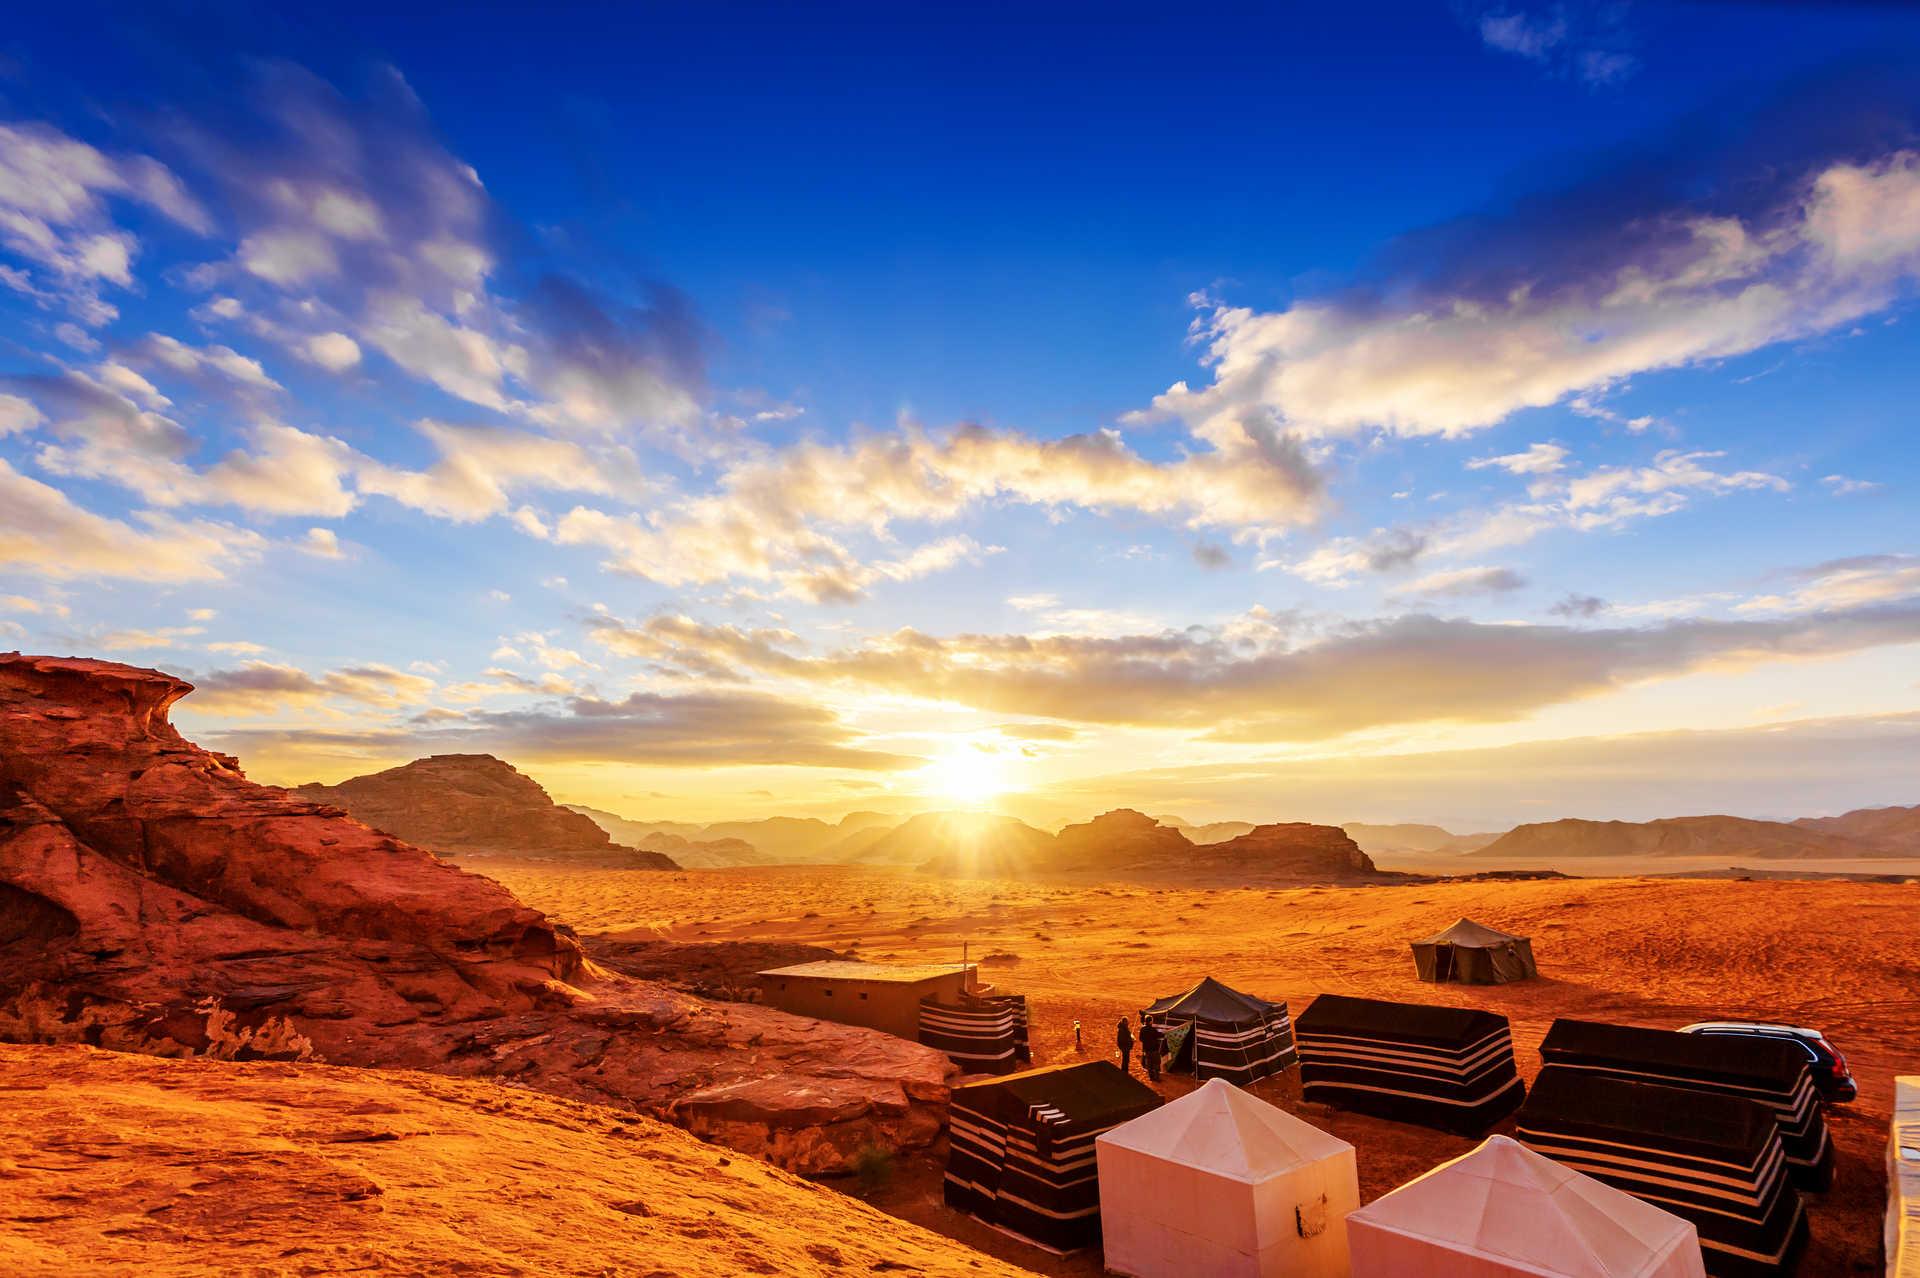 Campement dans le Wadi Rum en Jordanie